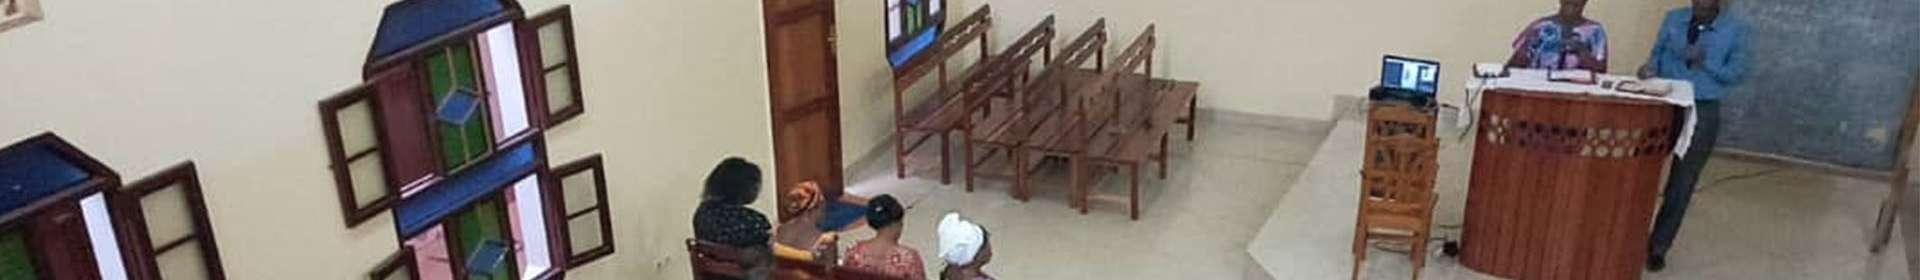 Seminário em Burundi evidencia aperfeiçoamento da Obra no continente africano